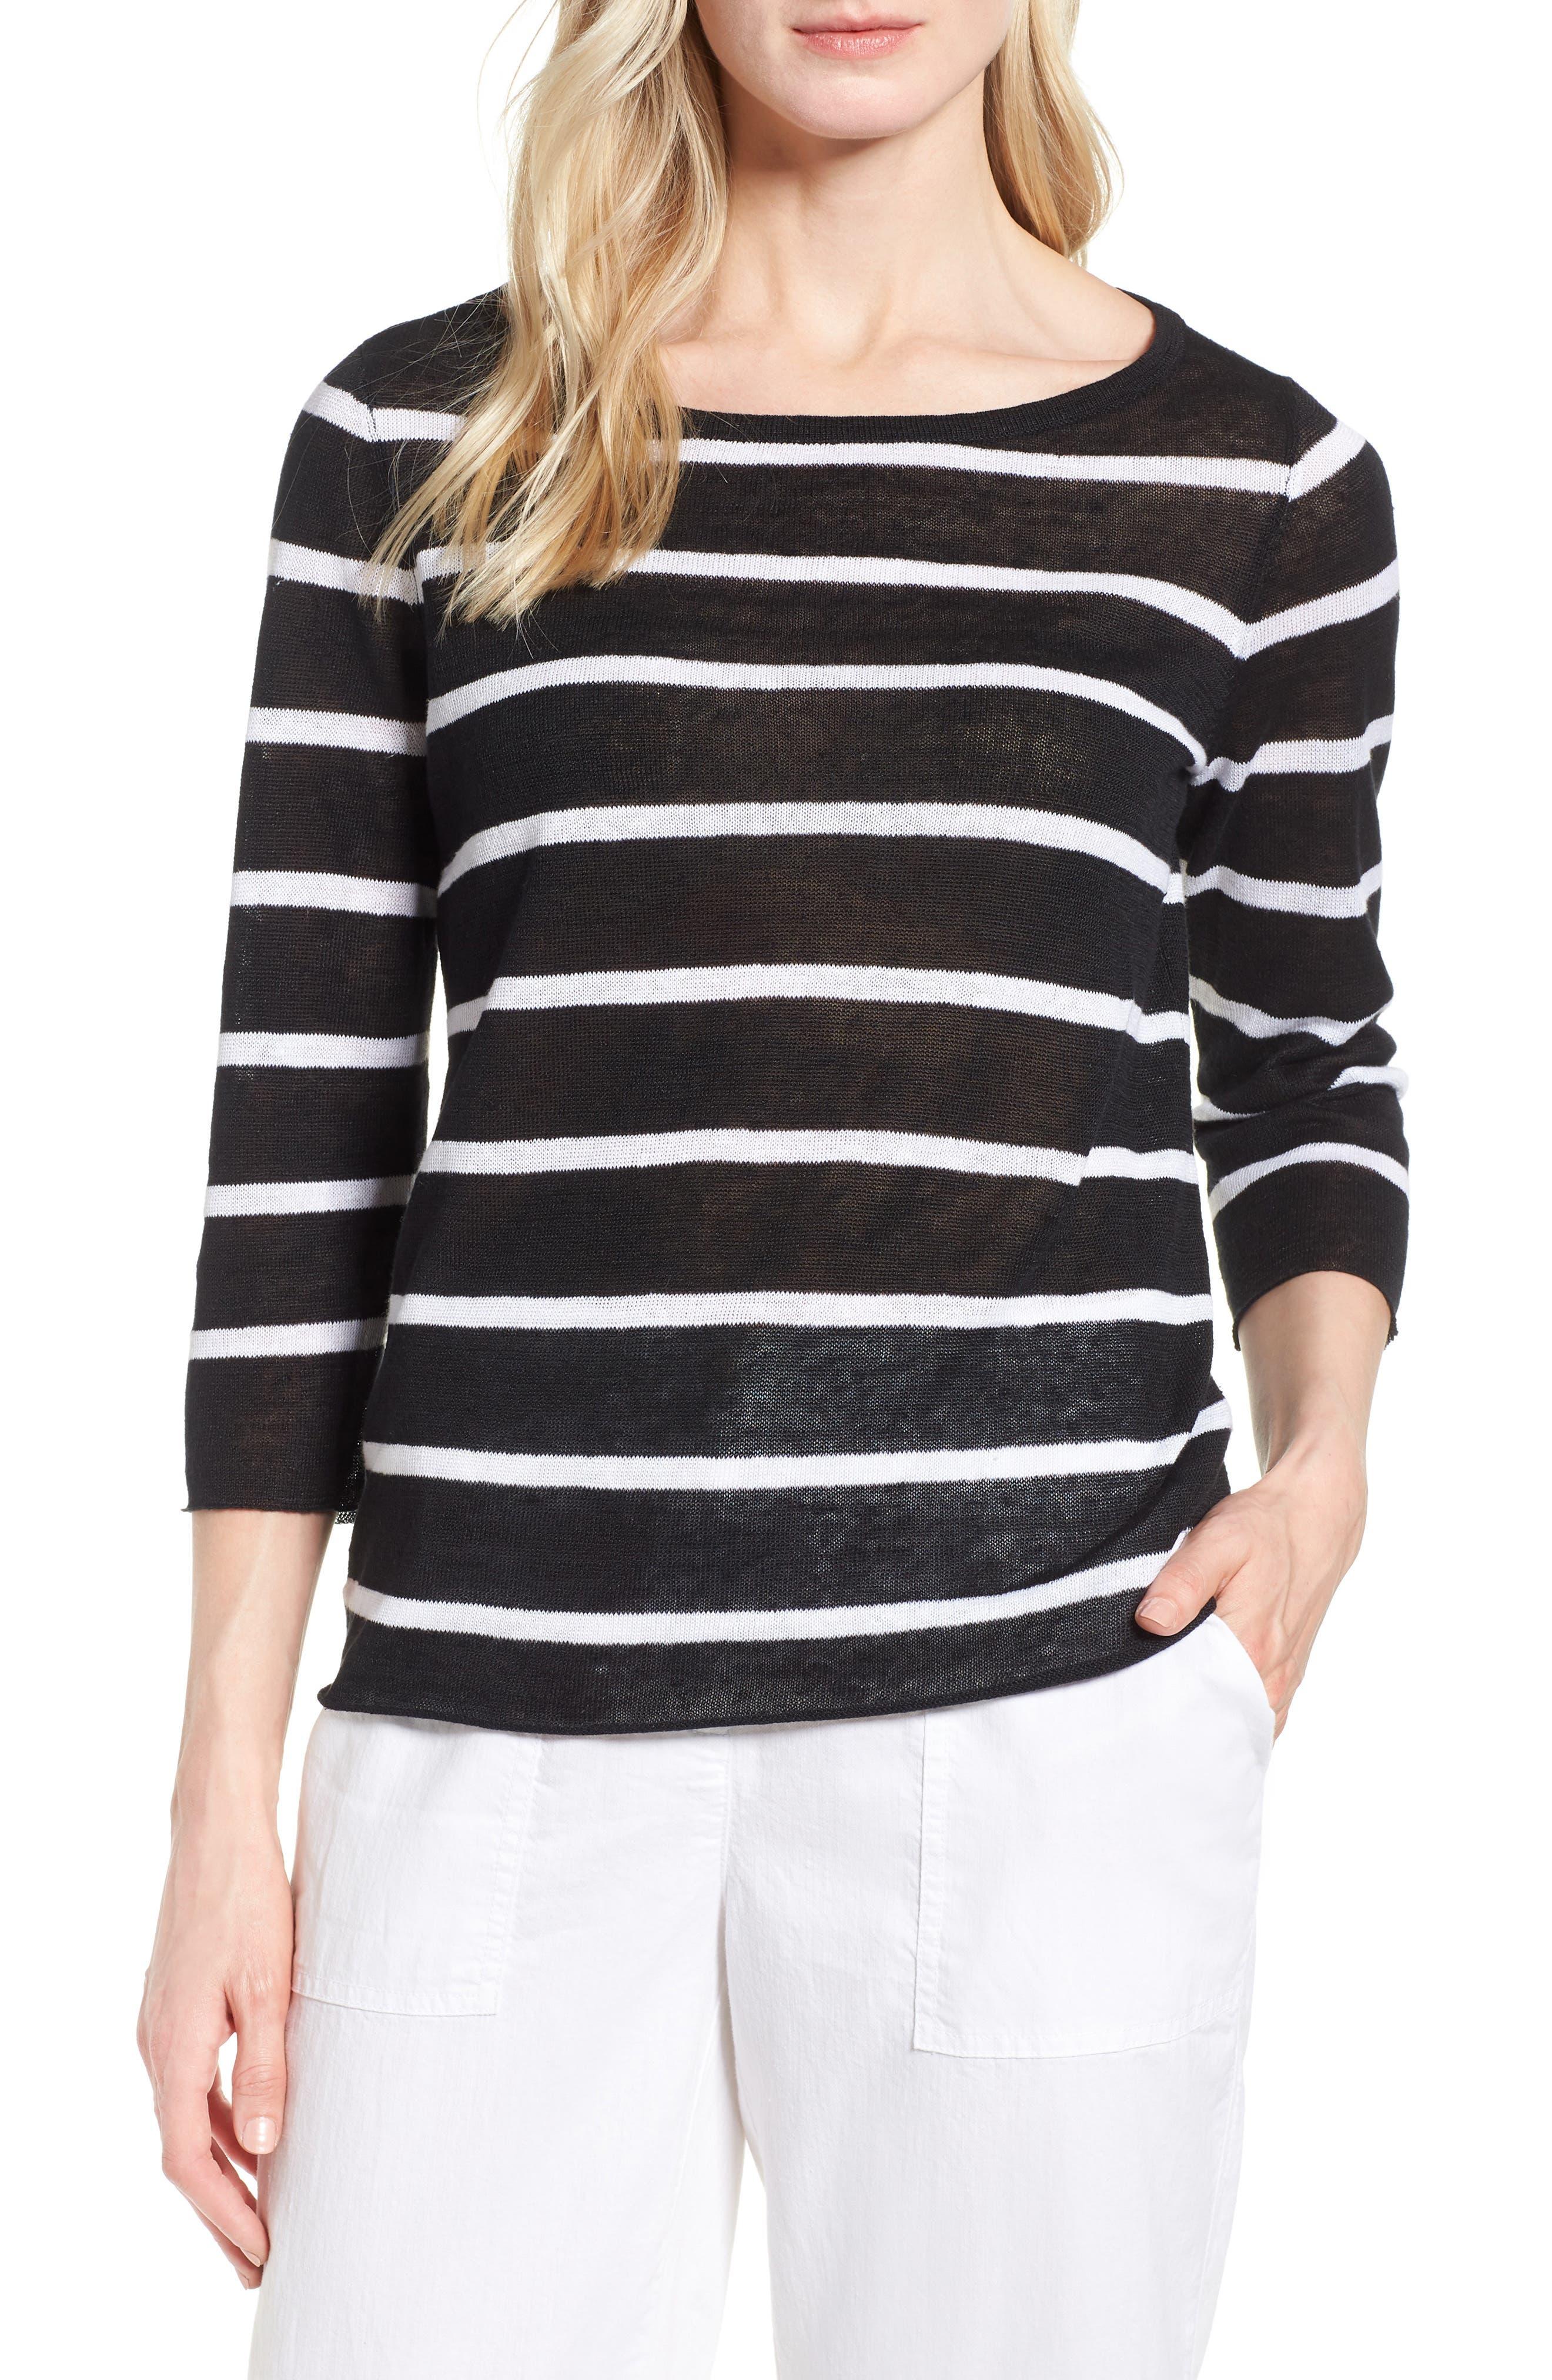 Stripe Organic Linen Sweater,                             Main thumbnail 1, color,                             Black/ White